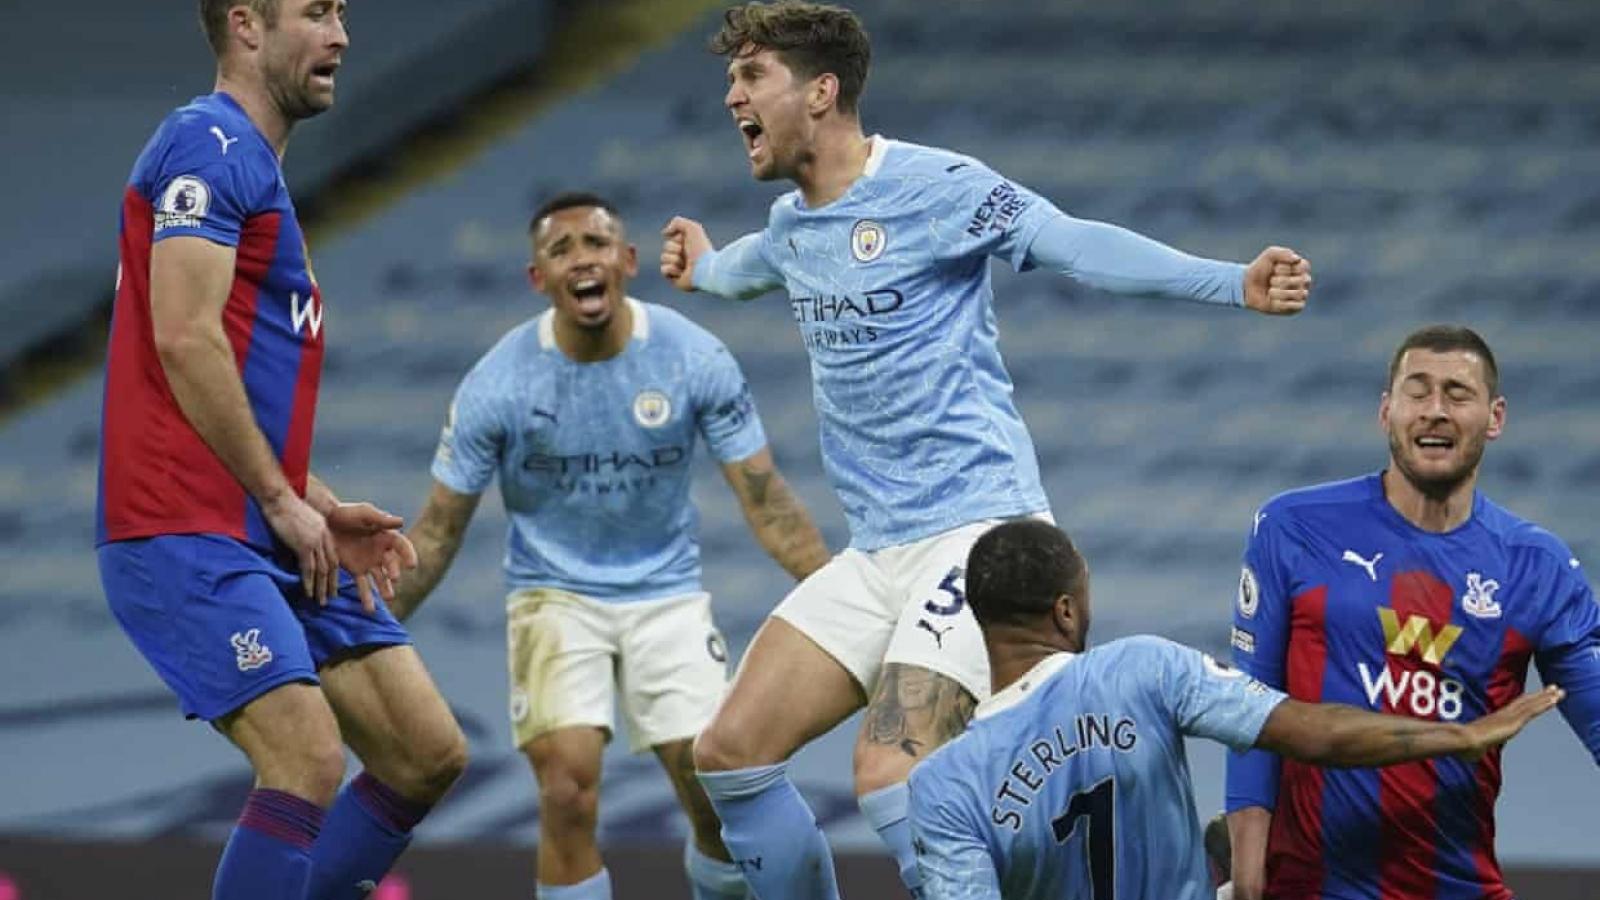 Đè bẹp Crystal Palace, Man City đe dọa ngôi đầu Premier League của MU